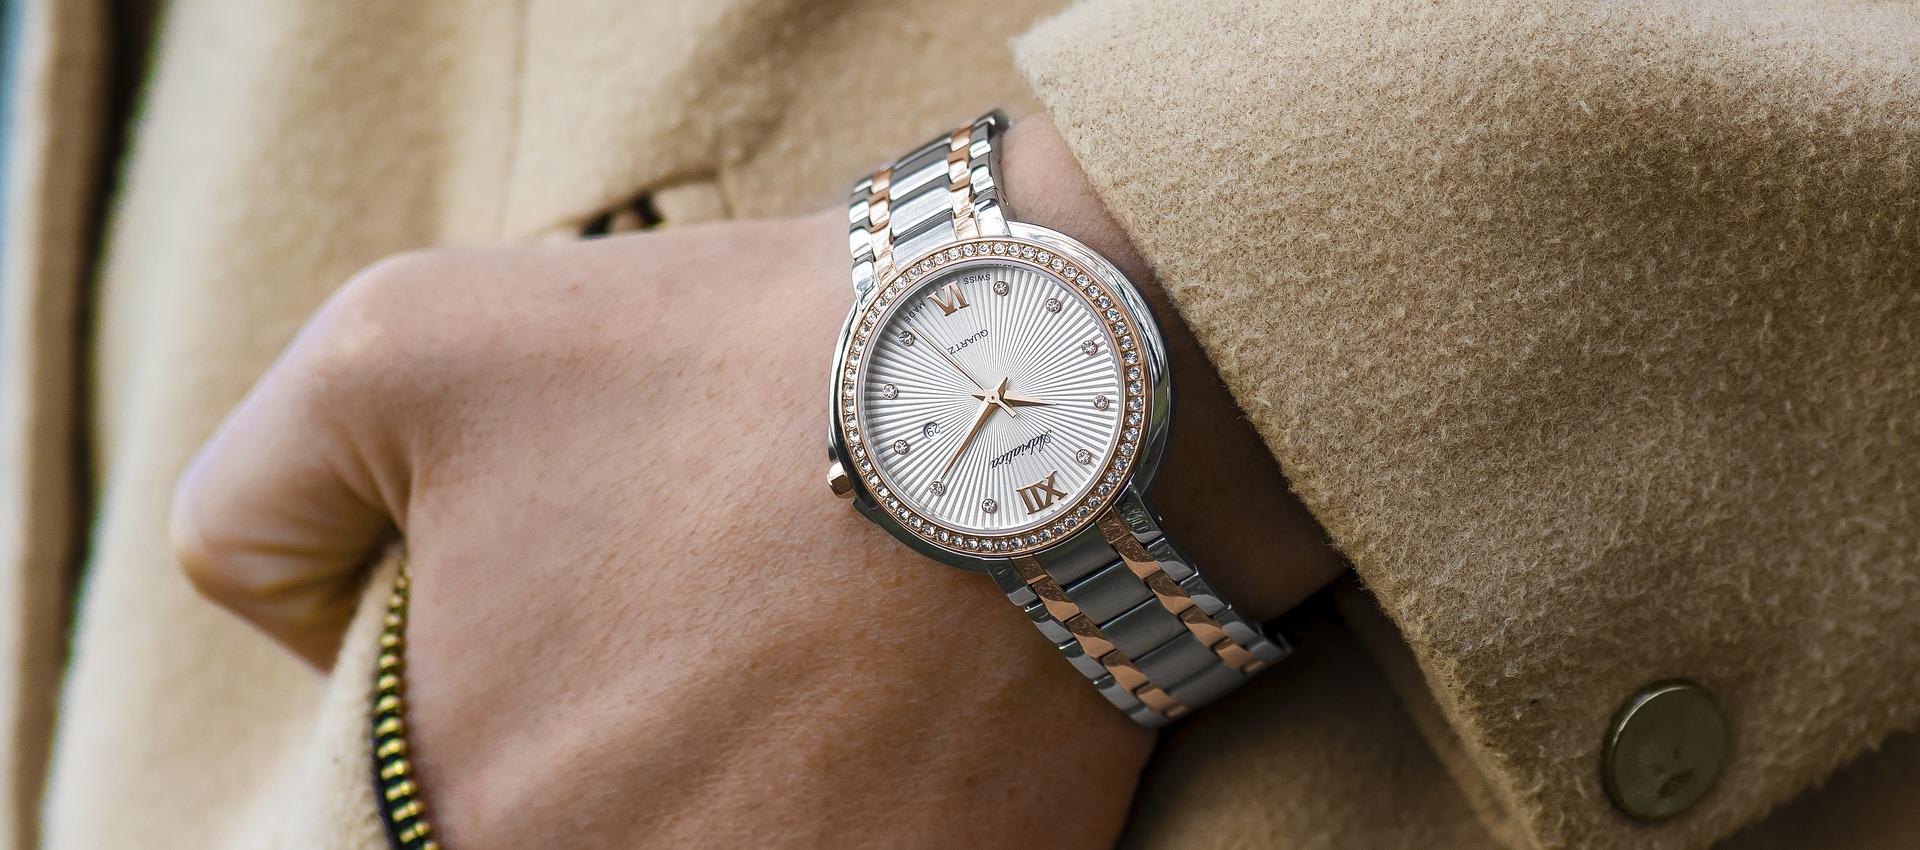 La montre pour homme, un cadeau d'une valeur sûr